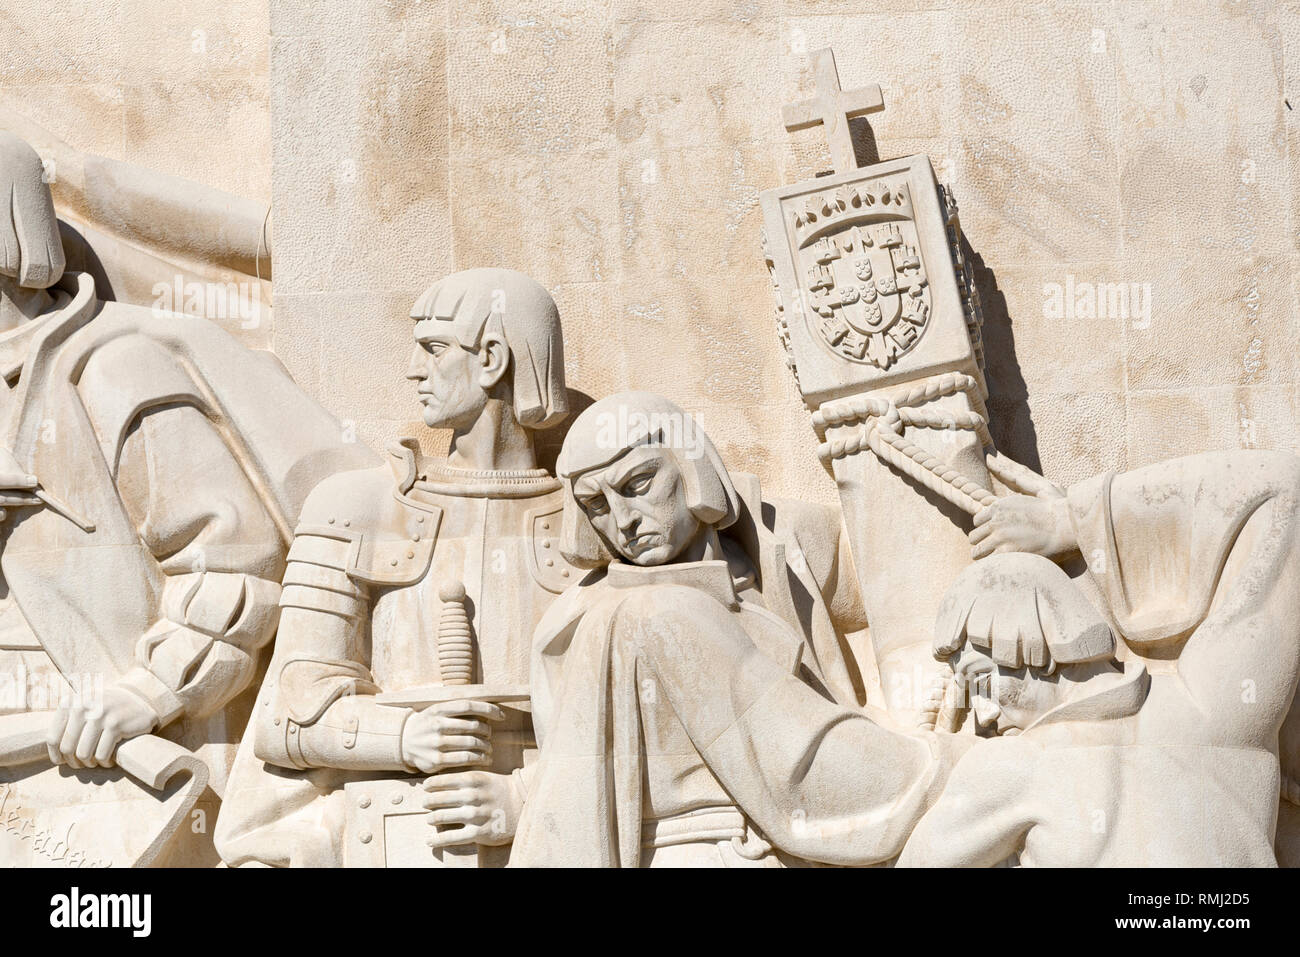 Monument to the Discoveries, Detail showingEstêvão da GamaandAntónio Abreu,Bartolomeu DiasandDiogo Cão raise a marker in Belem, Lisbon, Portugal - Stock Image